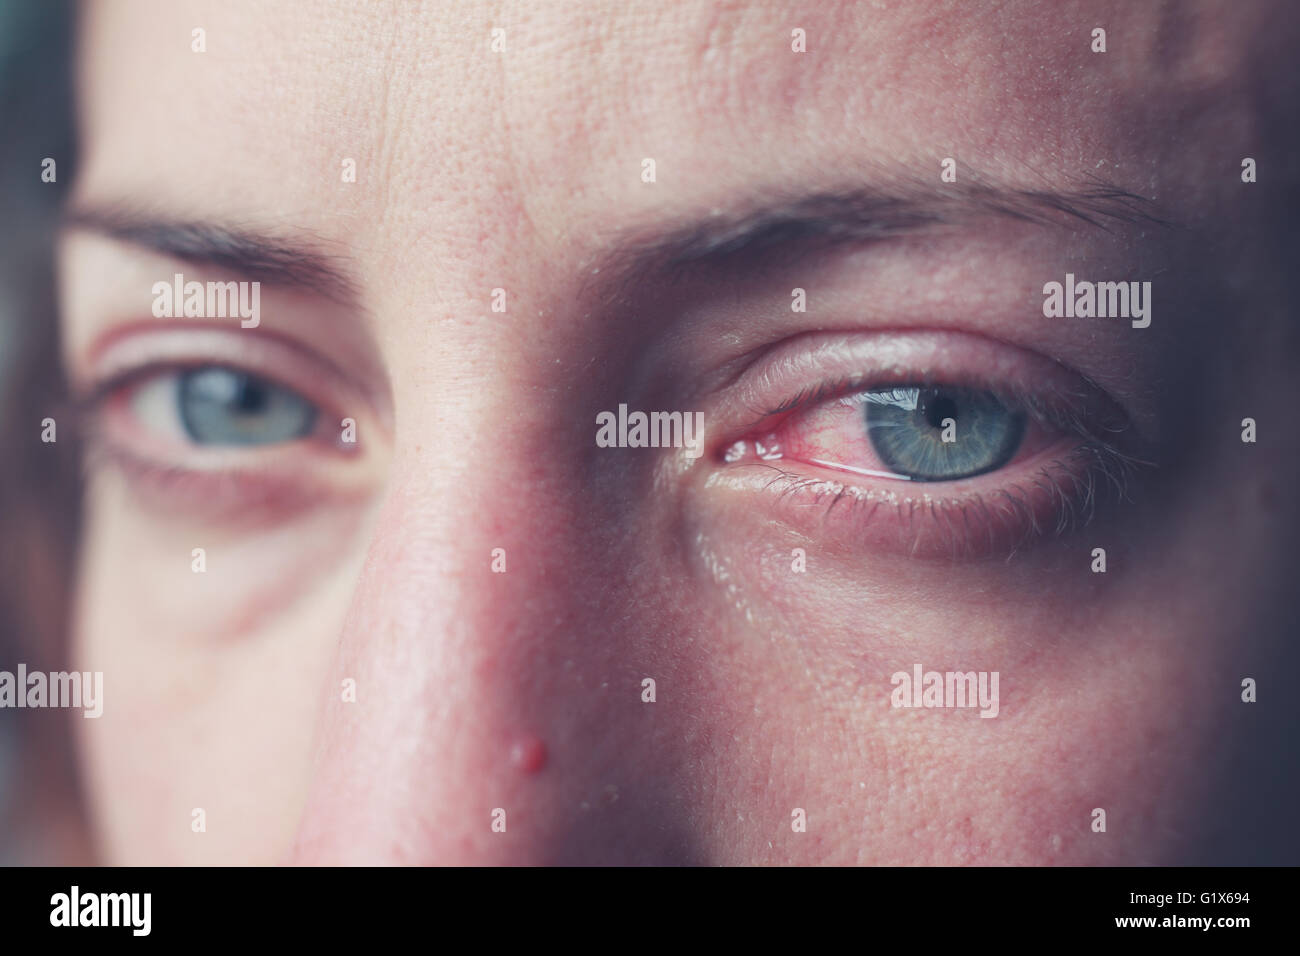 Primer Plano De Una Mujer Llorando Los Ojos Inyectados De Sangre